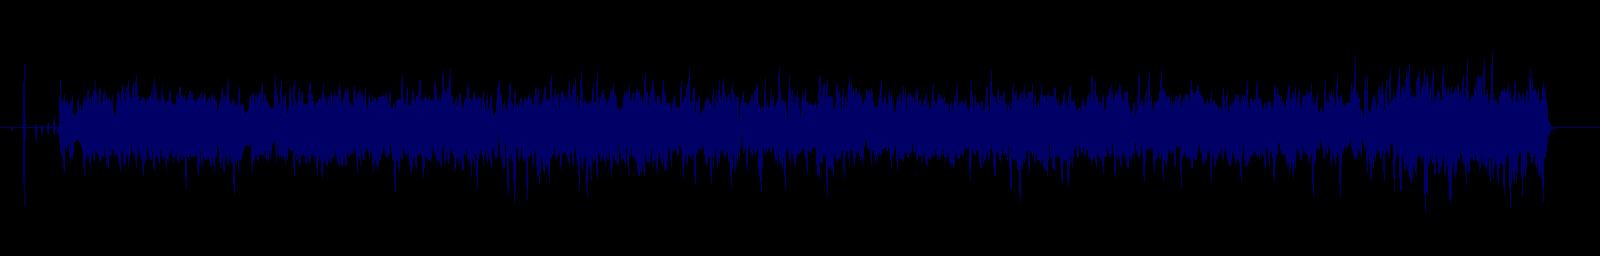 waveform of track #102527